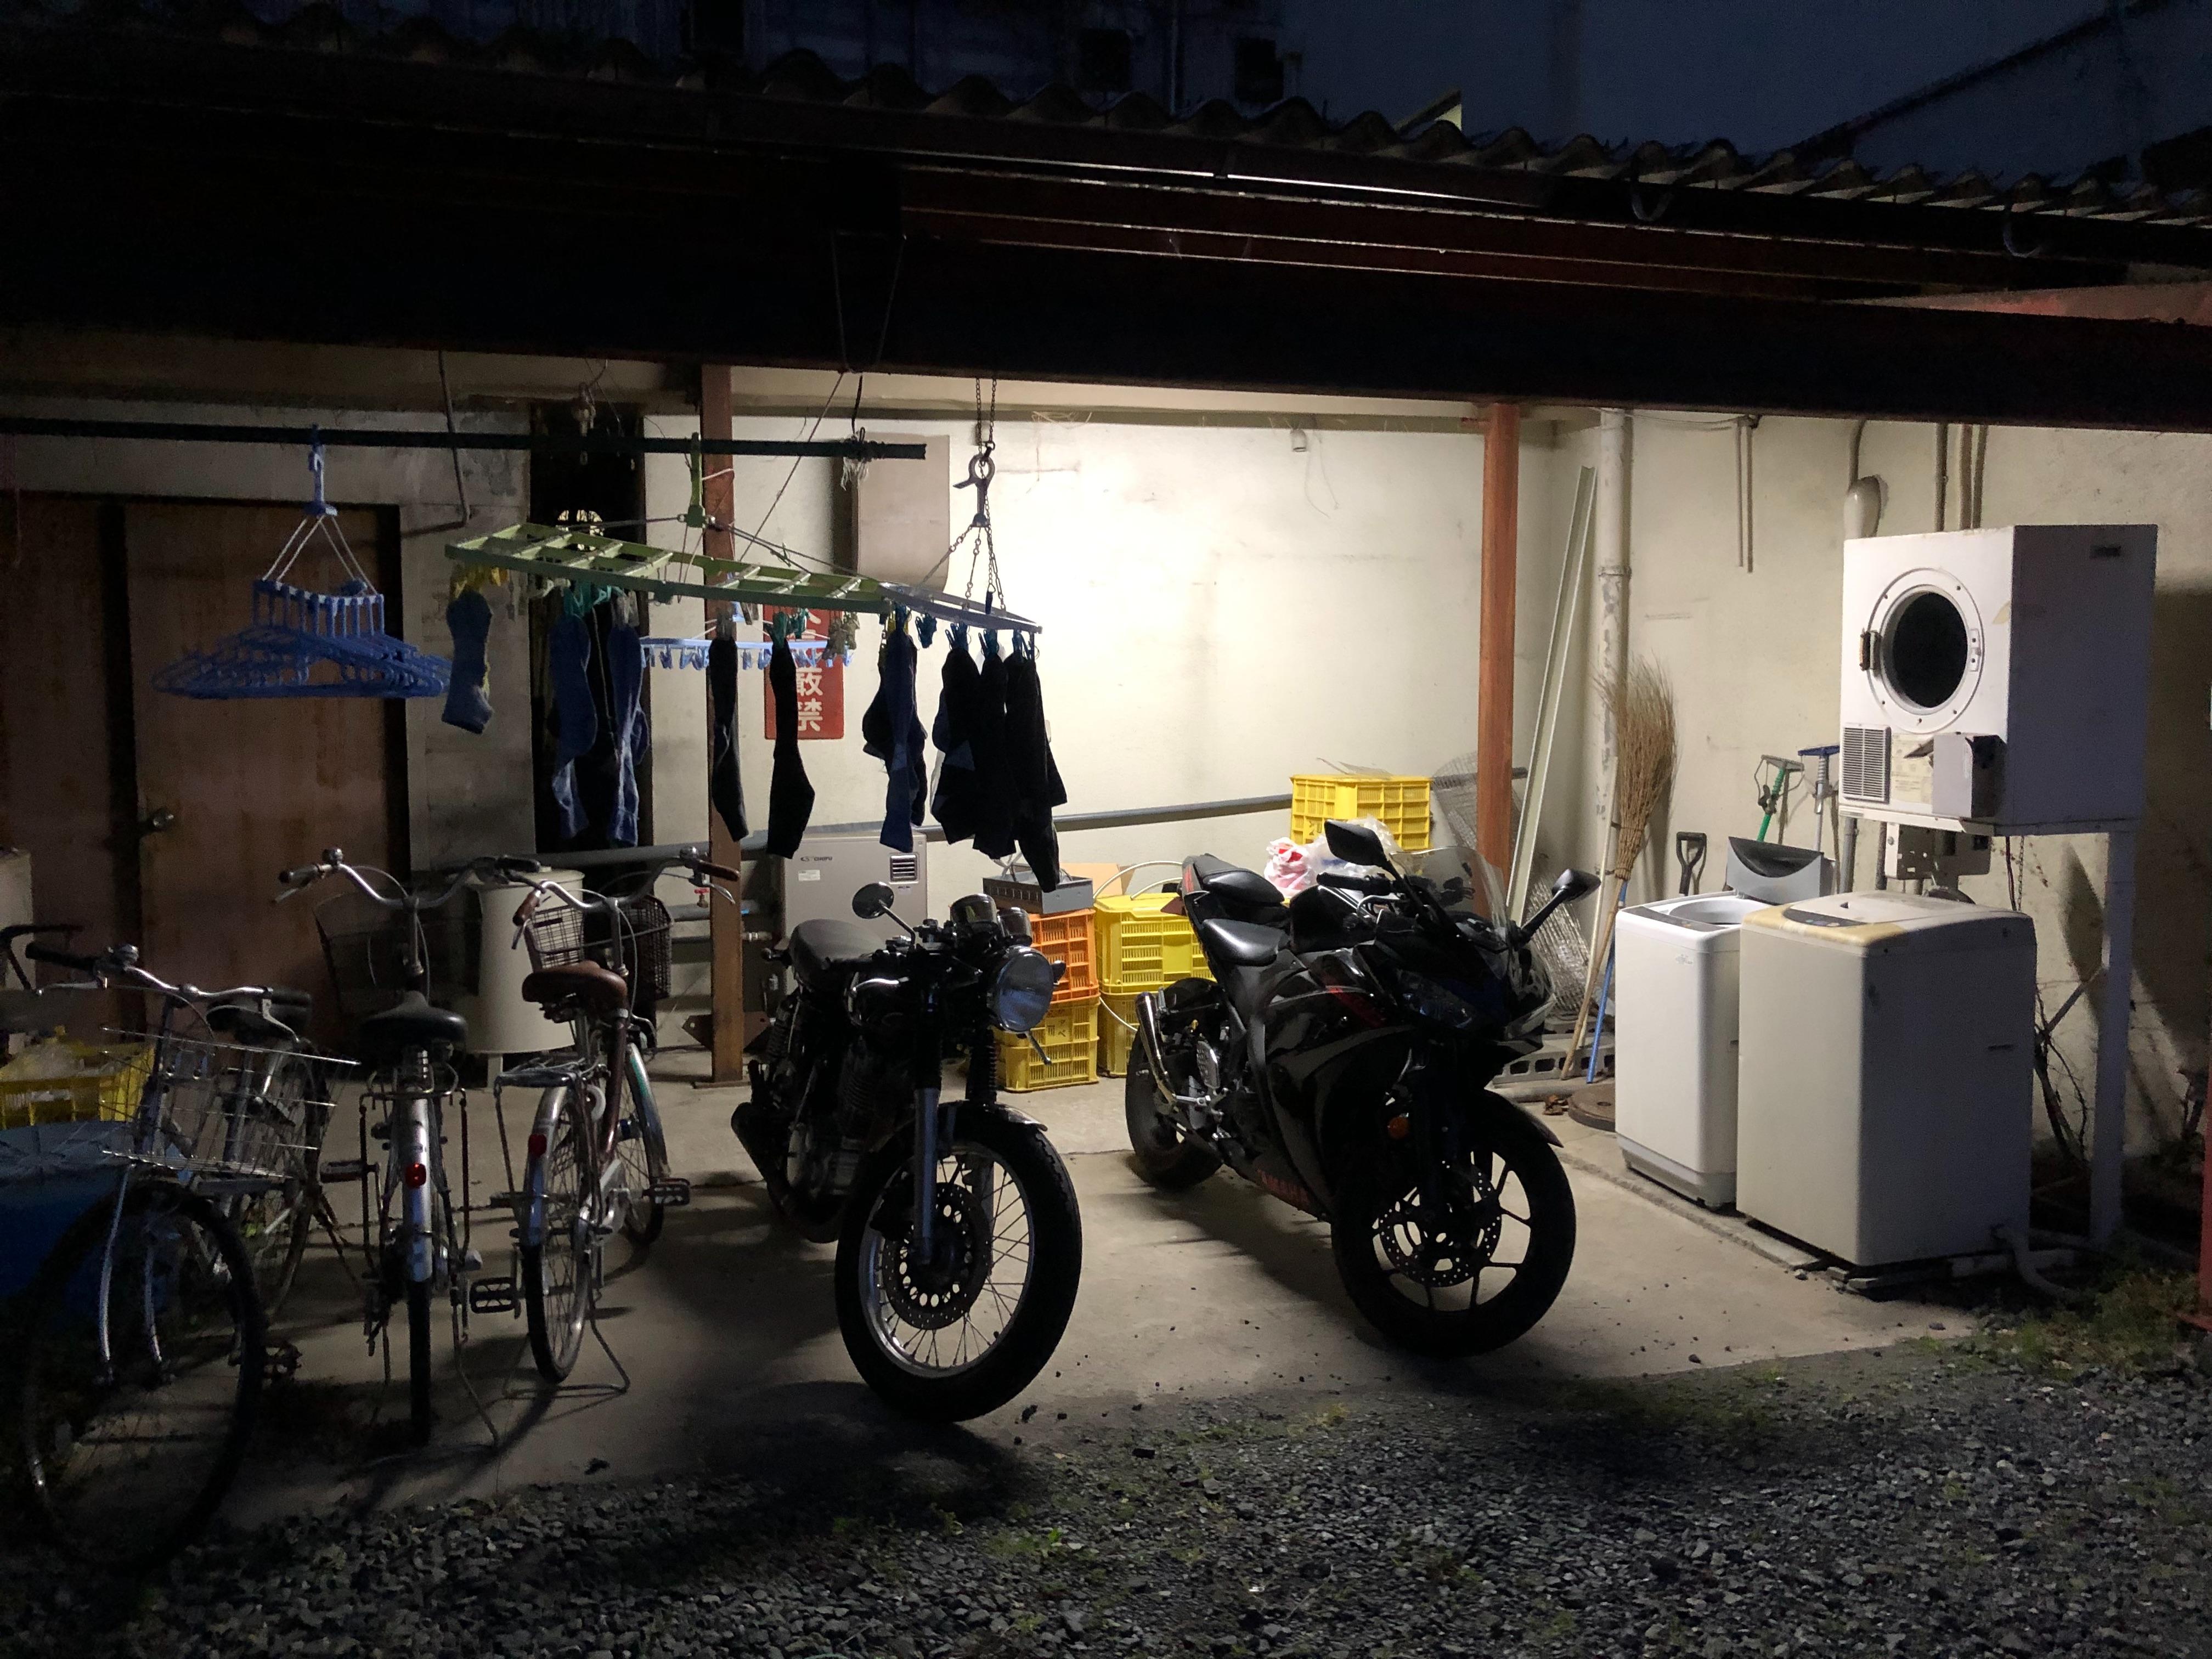 f:id:yukiaveiro:20190623120826j:image